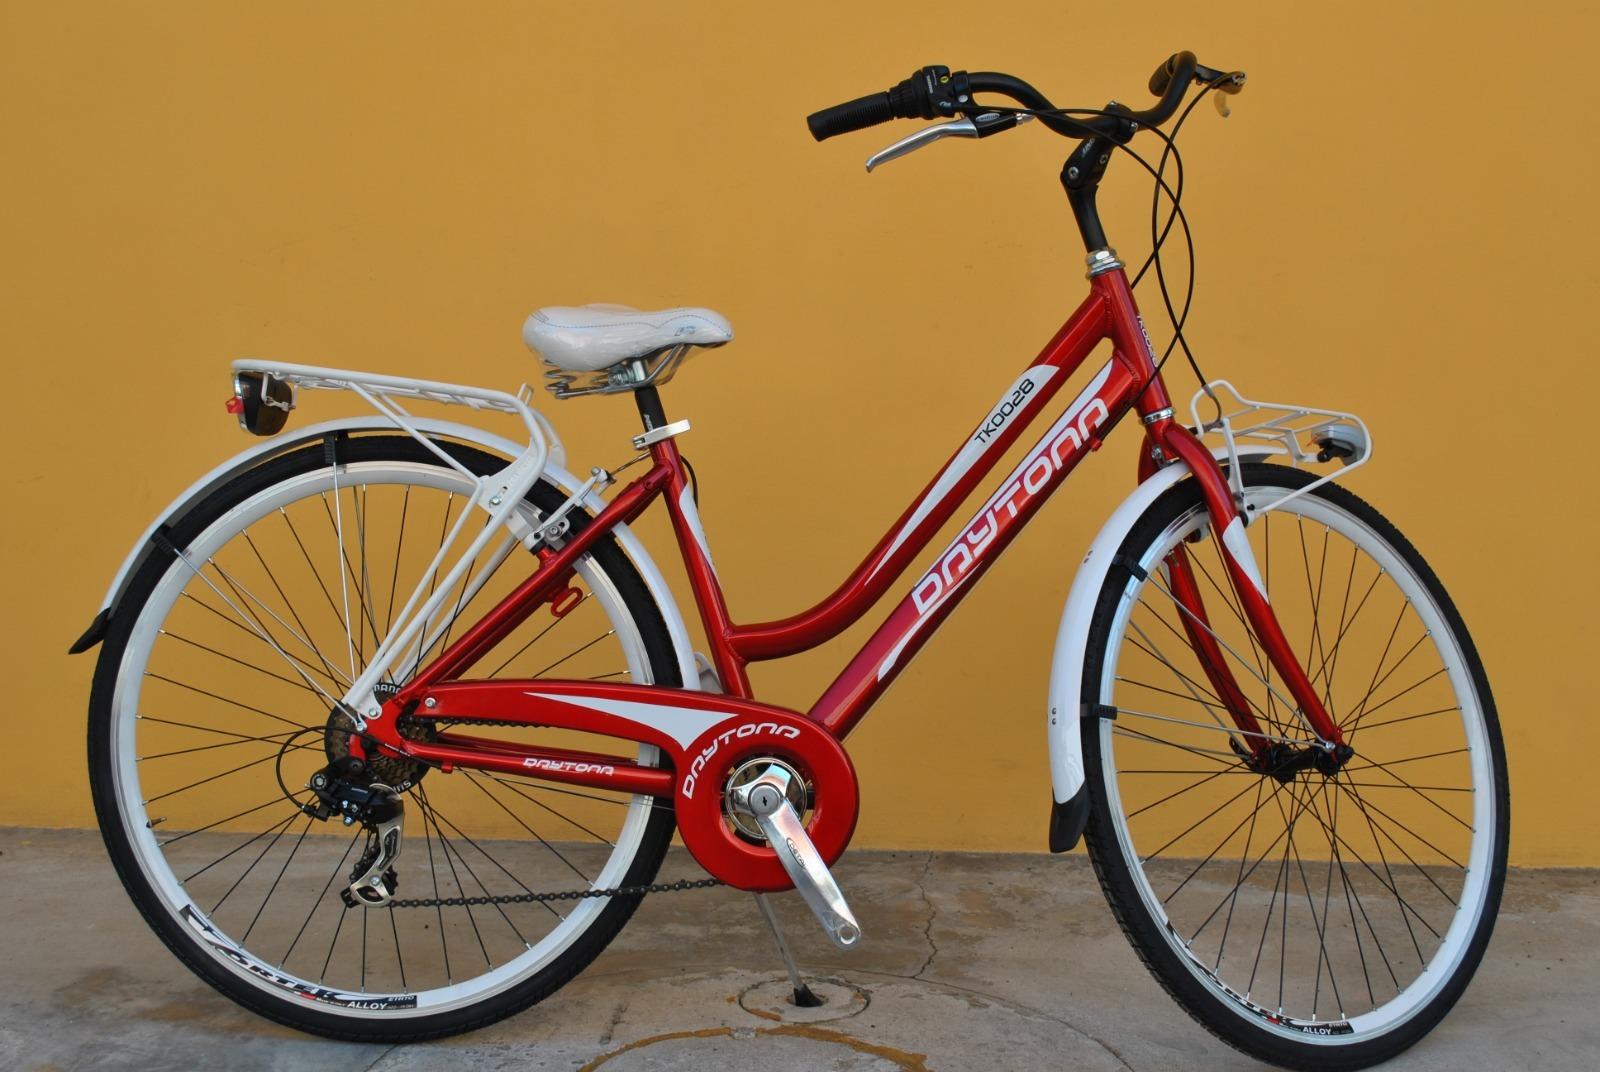 CITY BIKE Classica - Noleggio bici Bibione